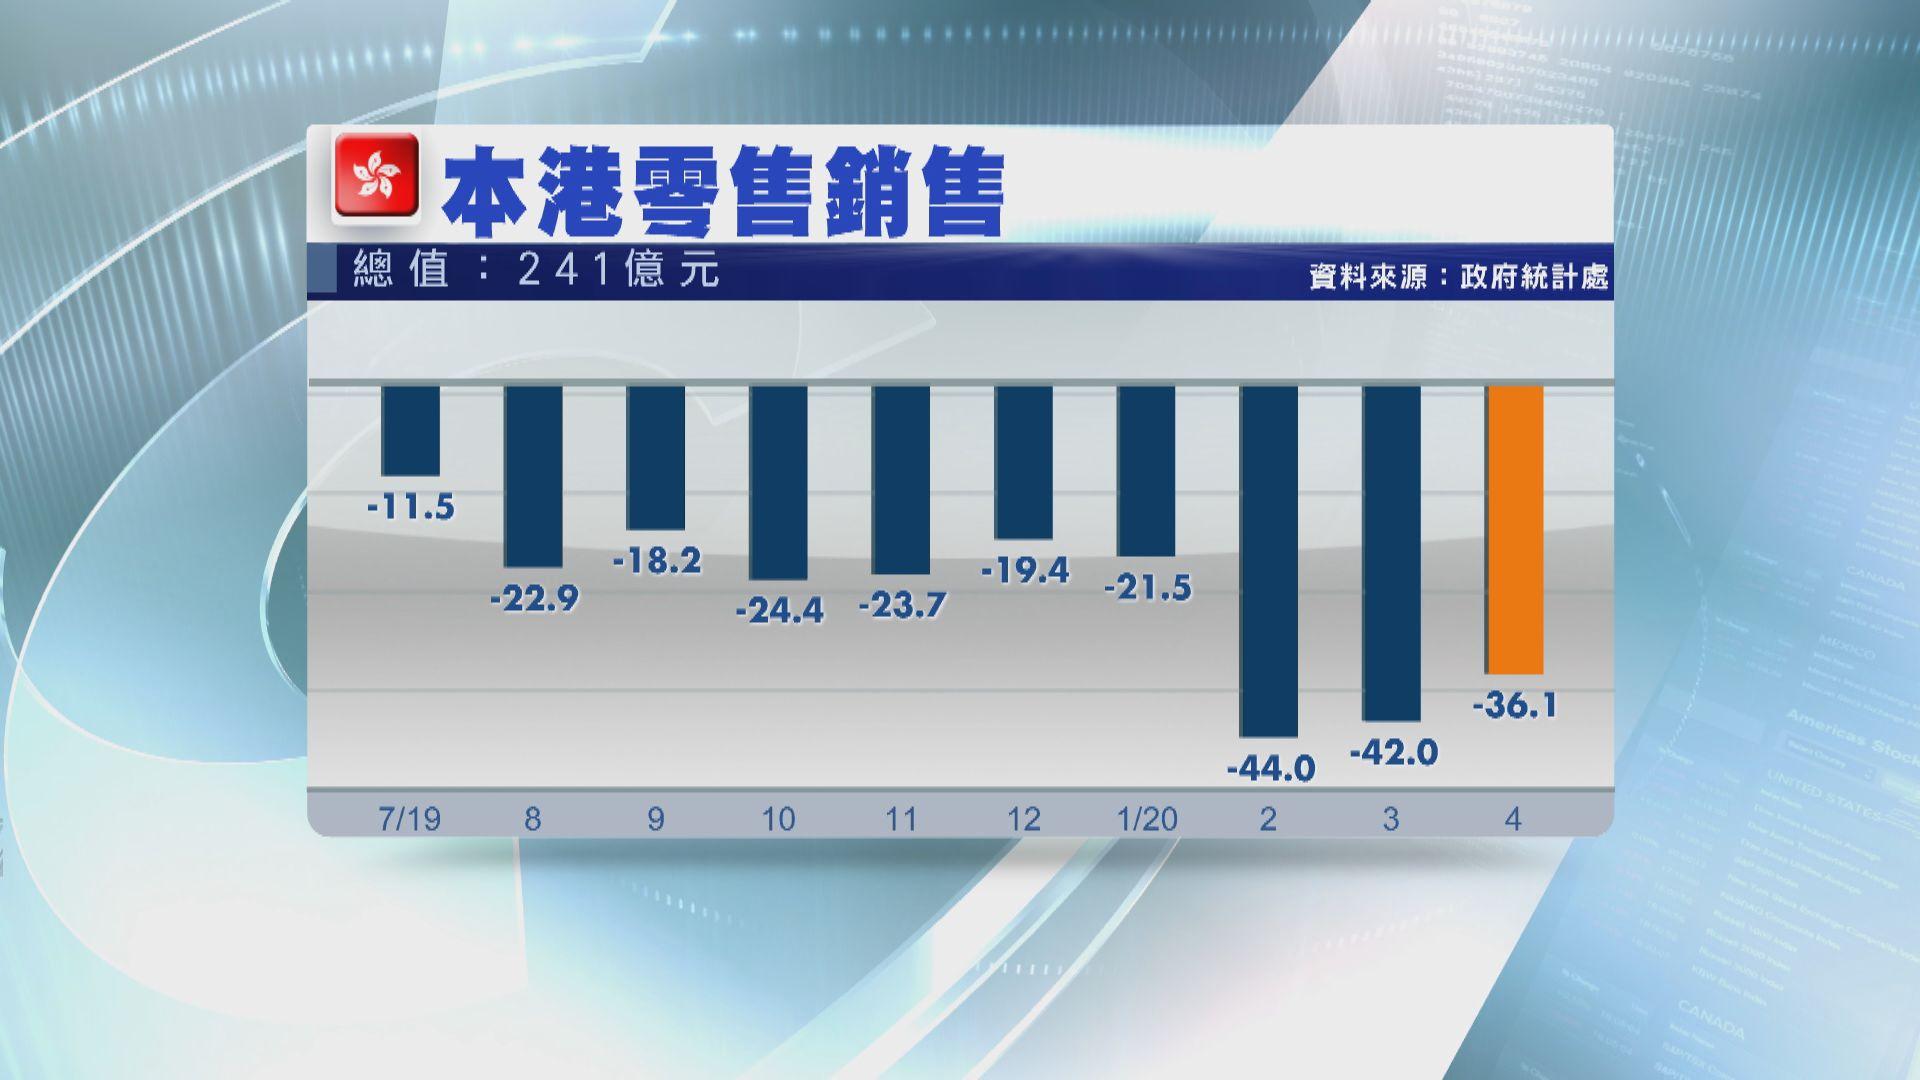 【本港零售】4月零售銷售跌36.1% 連跌15個月